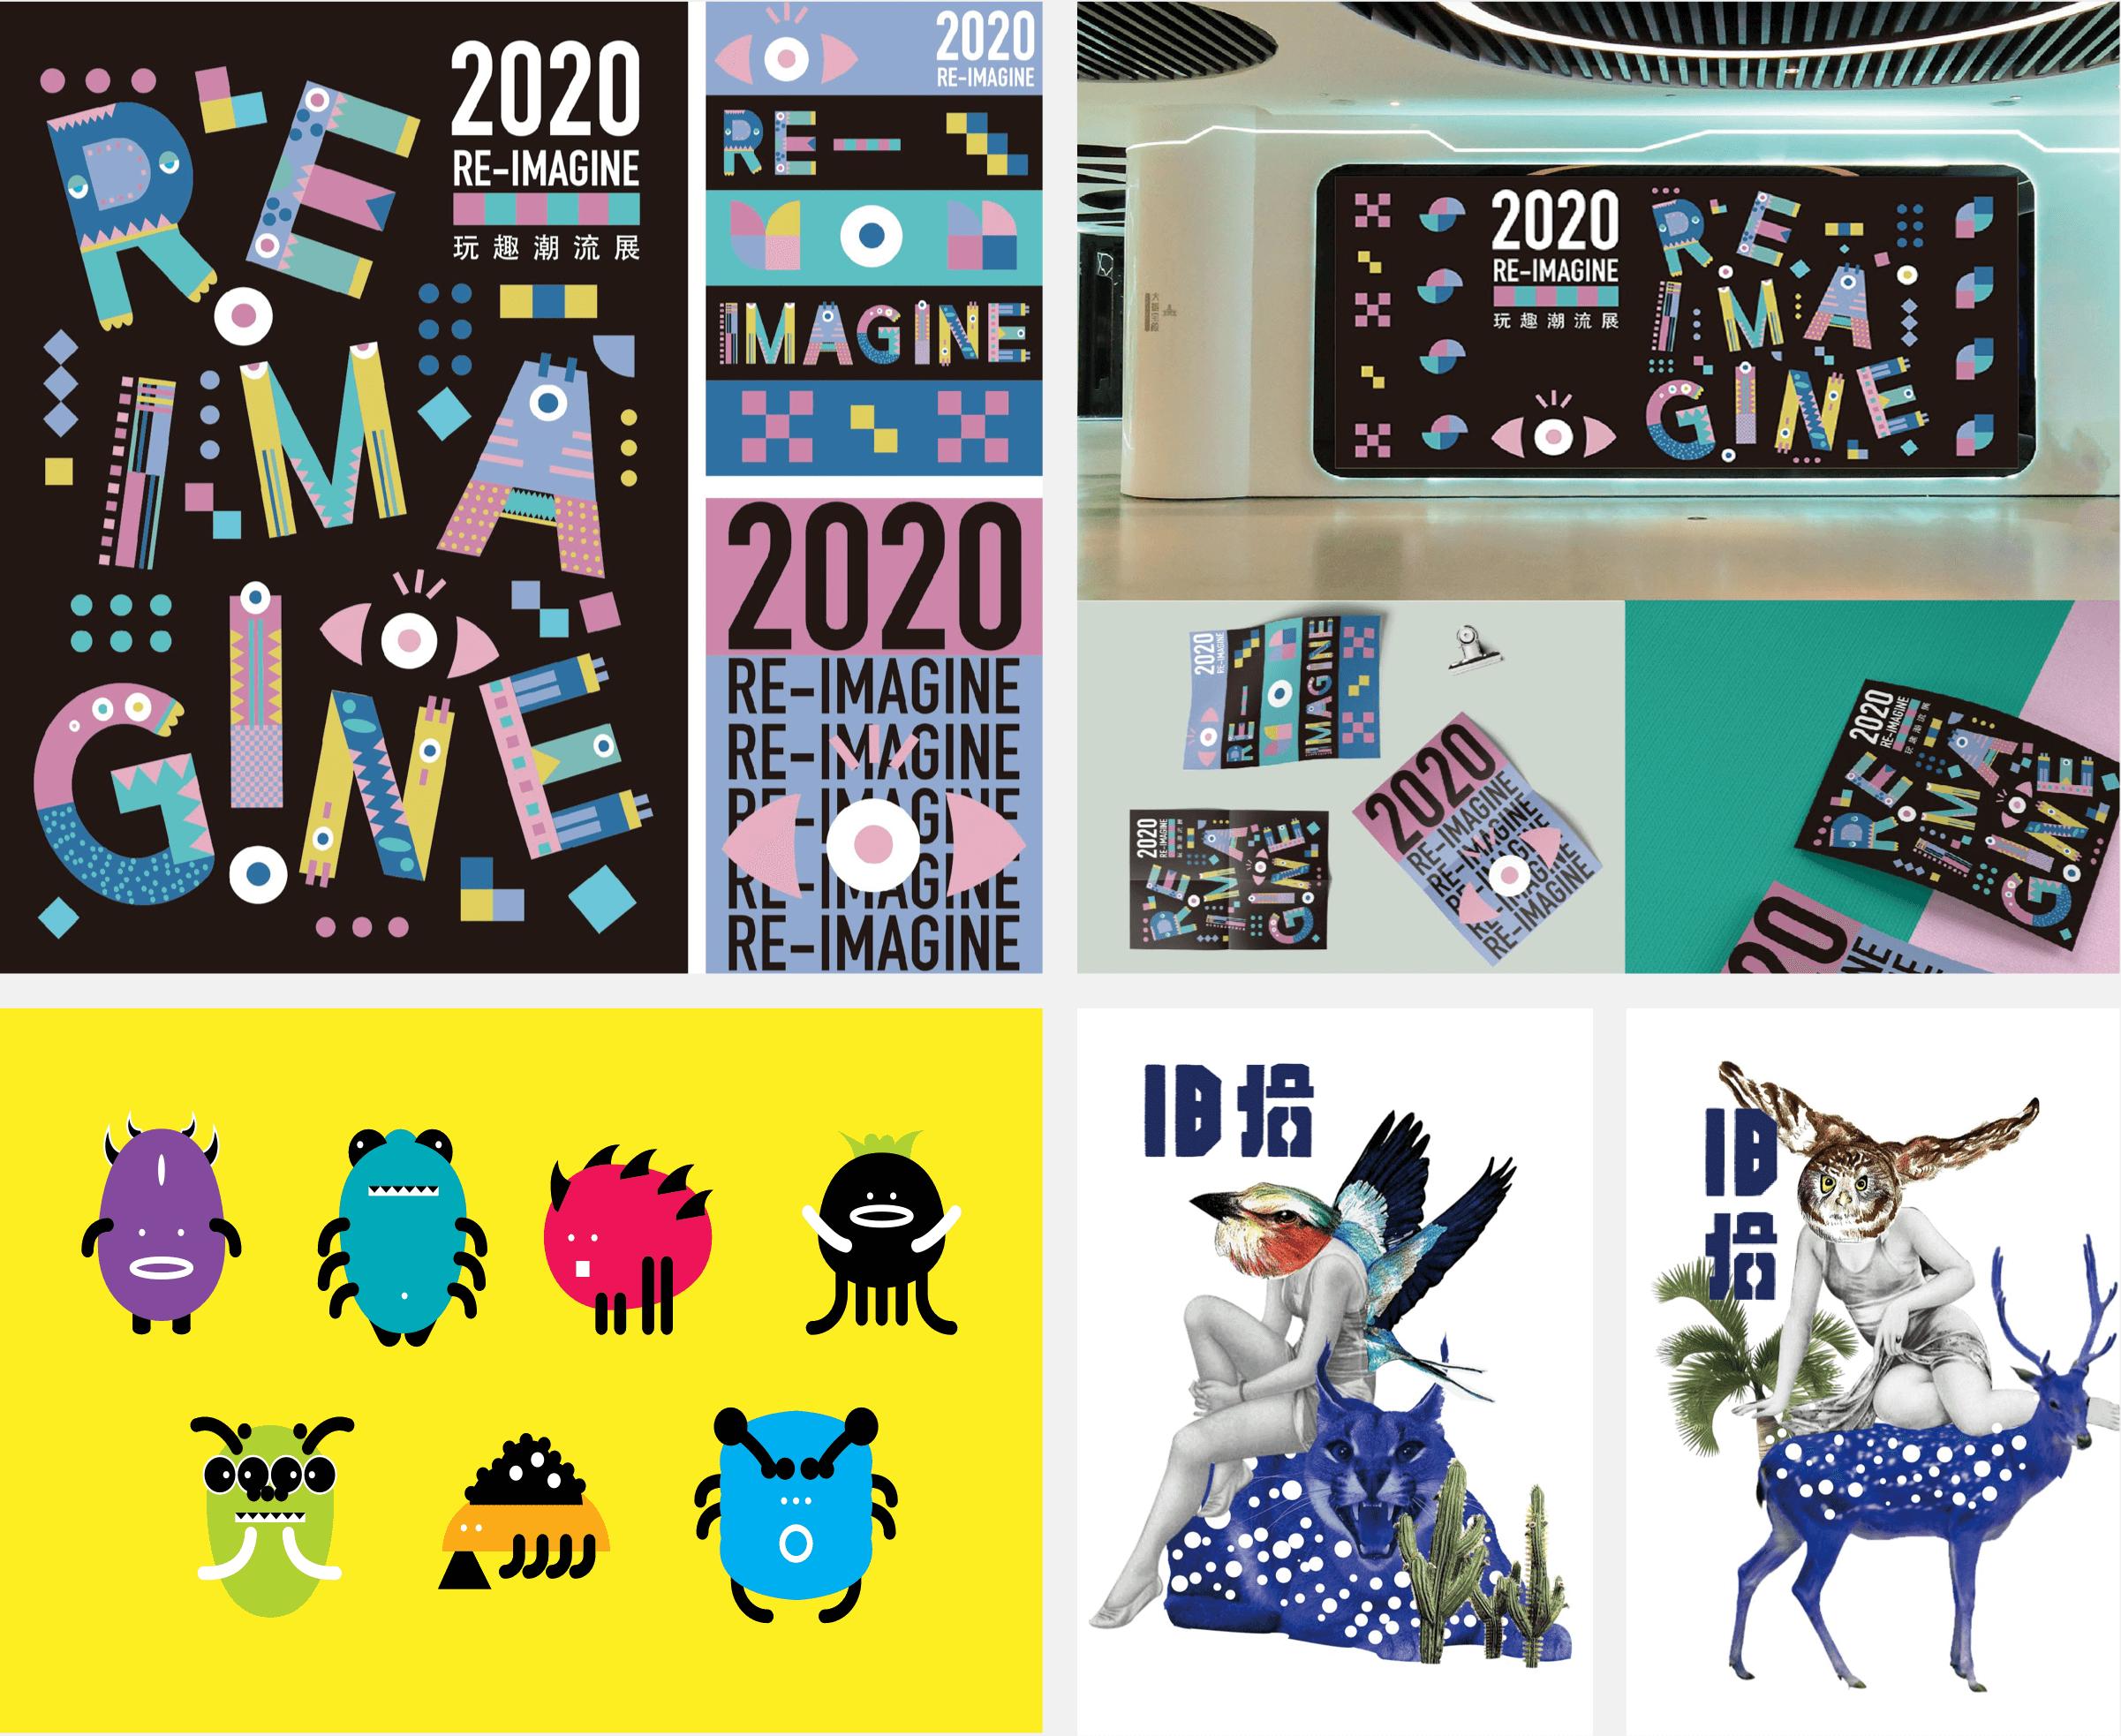 趣玩潮流 设计策略 学生作品 站酷学习 2020 玩物潮流所